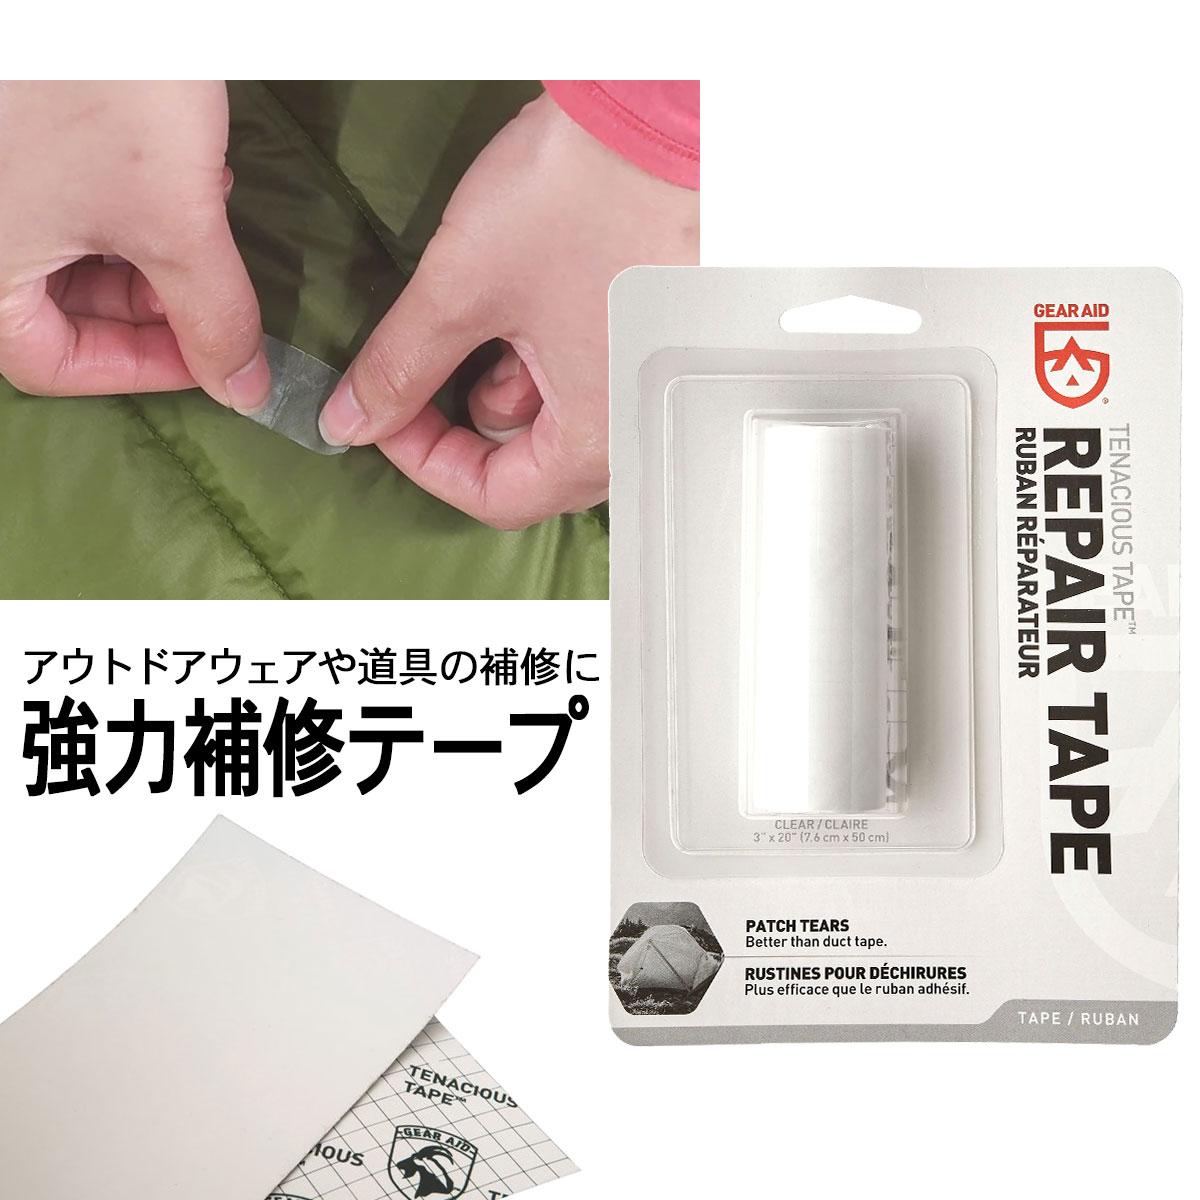 リペアパッチ メンテンナンス材 テント ウェア 穴あき補修 強力補修テープ ギアエイド ギフト GEAR (人気激安) AID